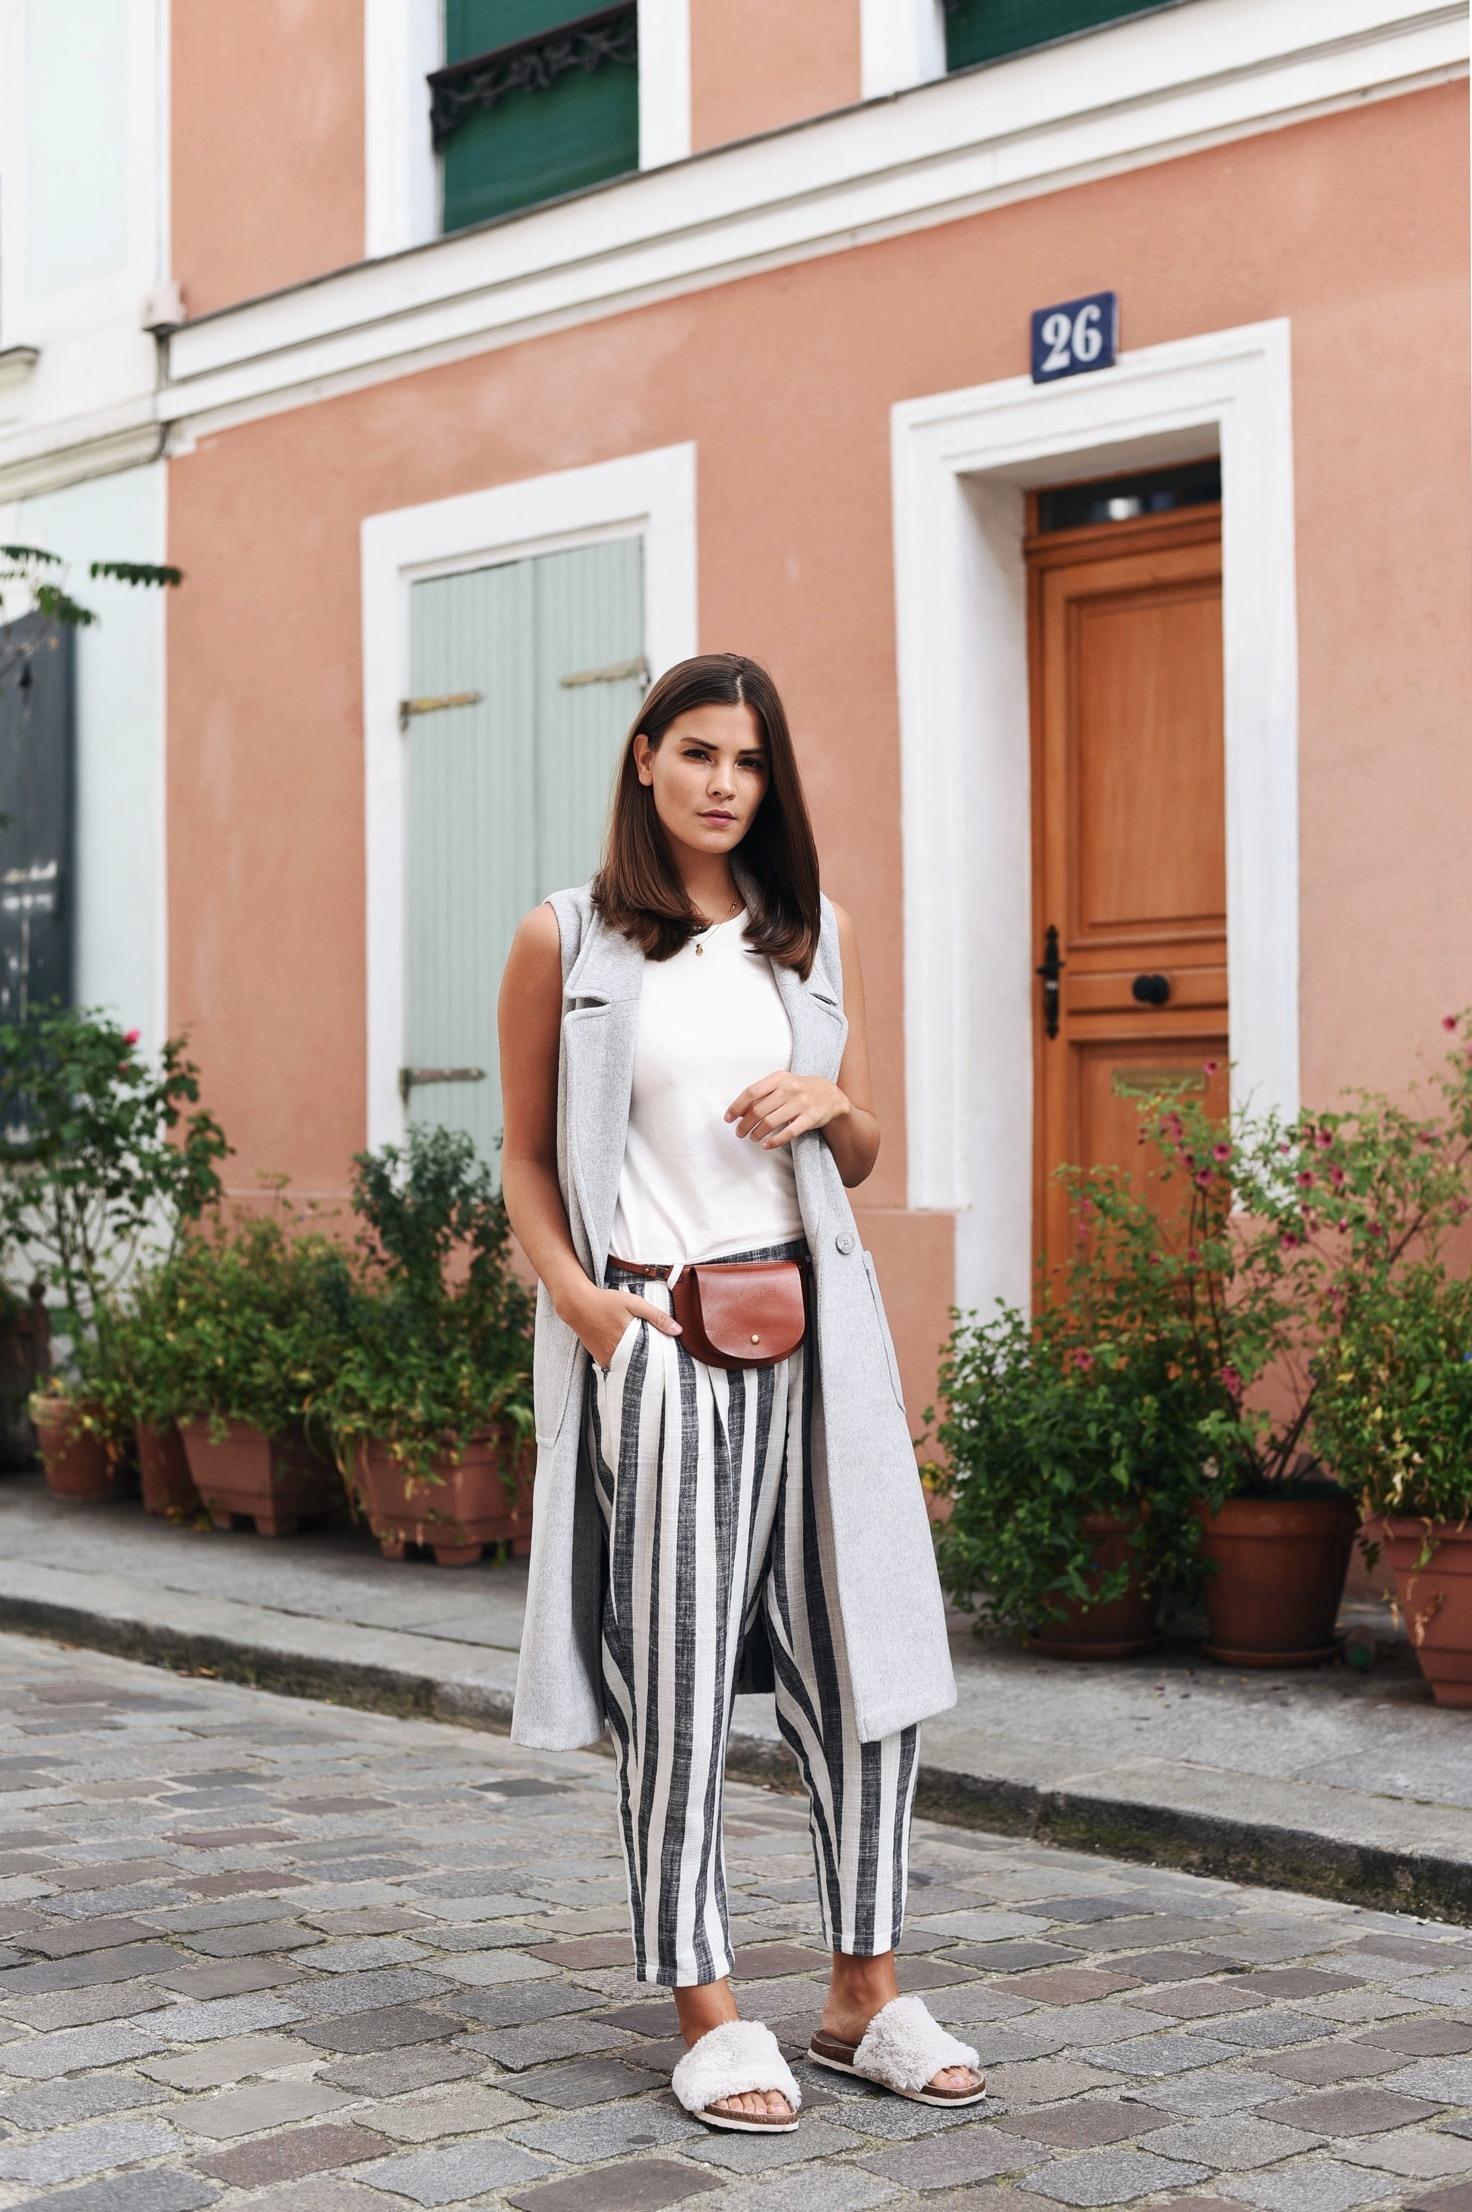 fashionblog-deutschland-mode-und-reise-blogger-münchen-nina-fashiioncarpet-